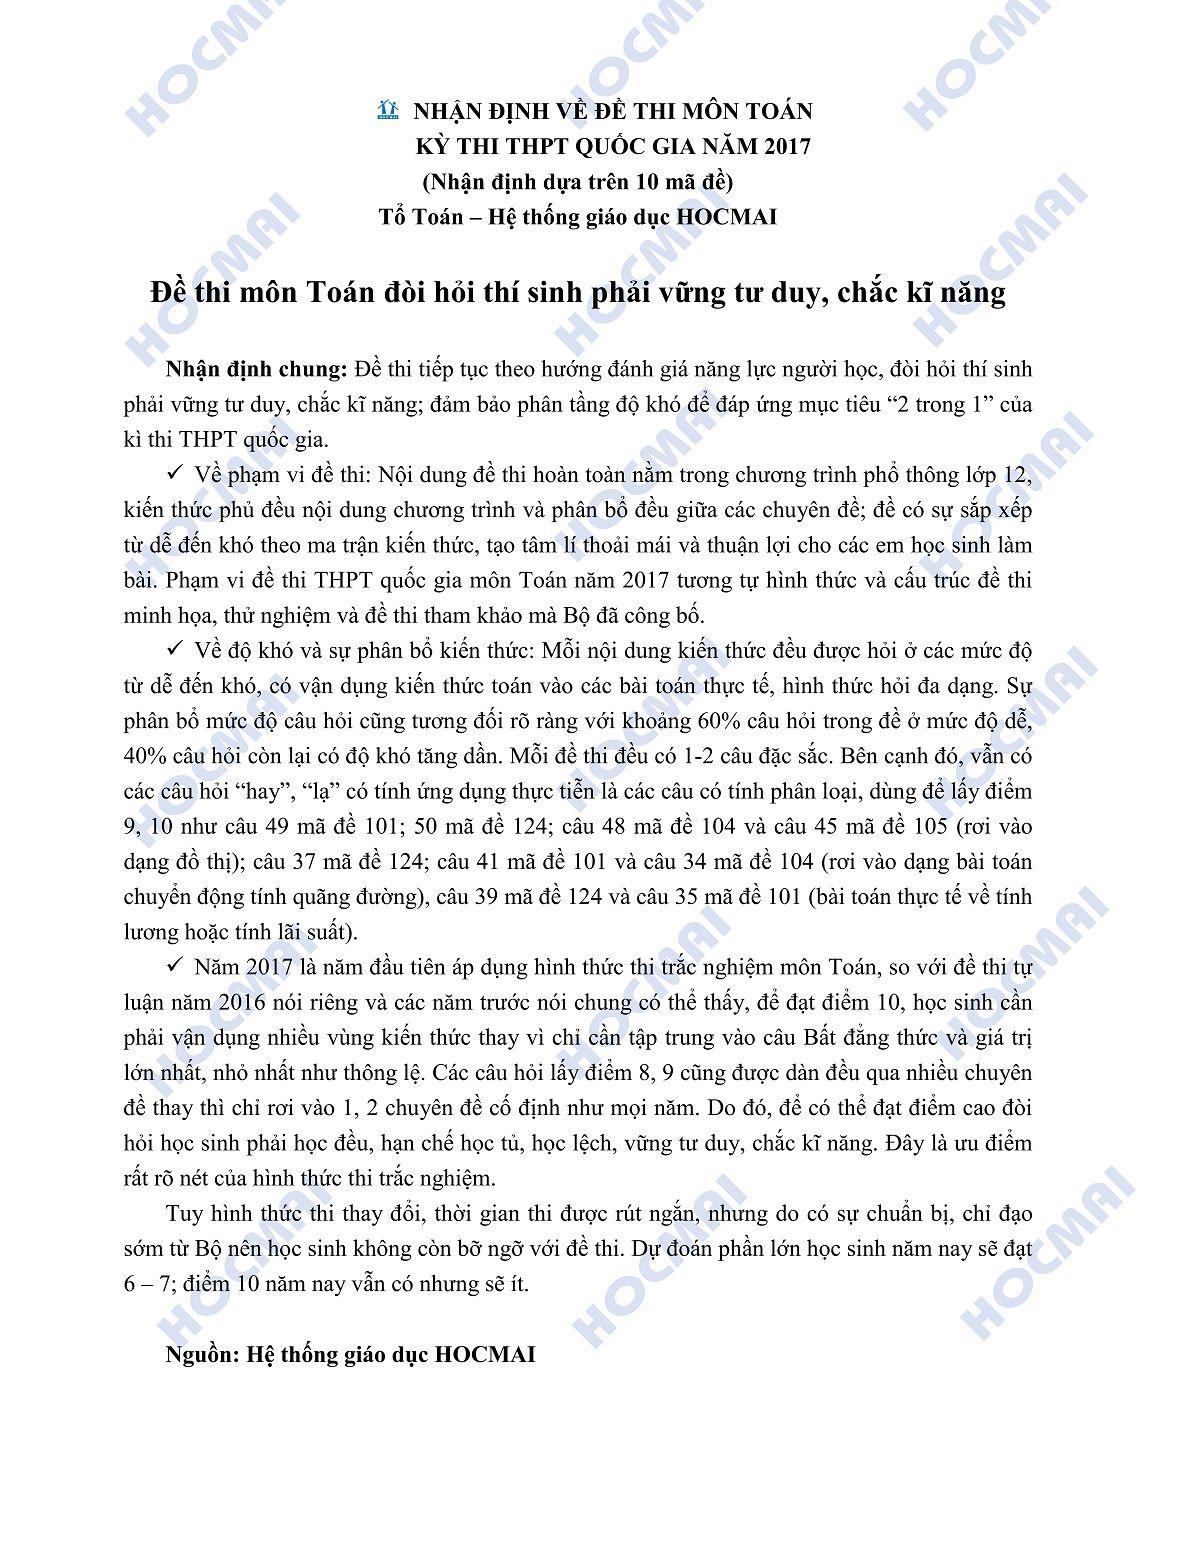 NHẬN ĐỊNH ĐỀ THI TOÁN 2017png_Page1